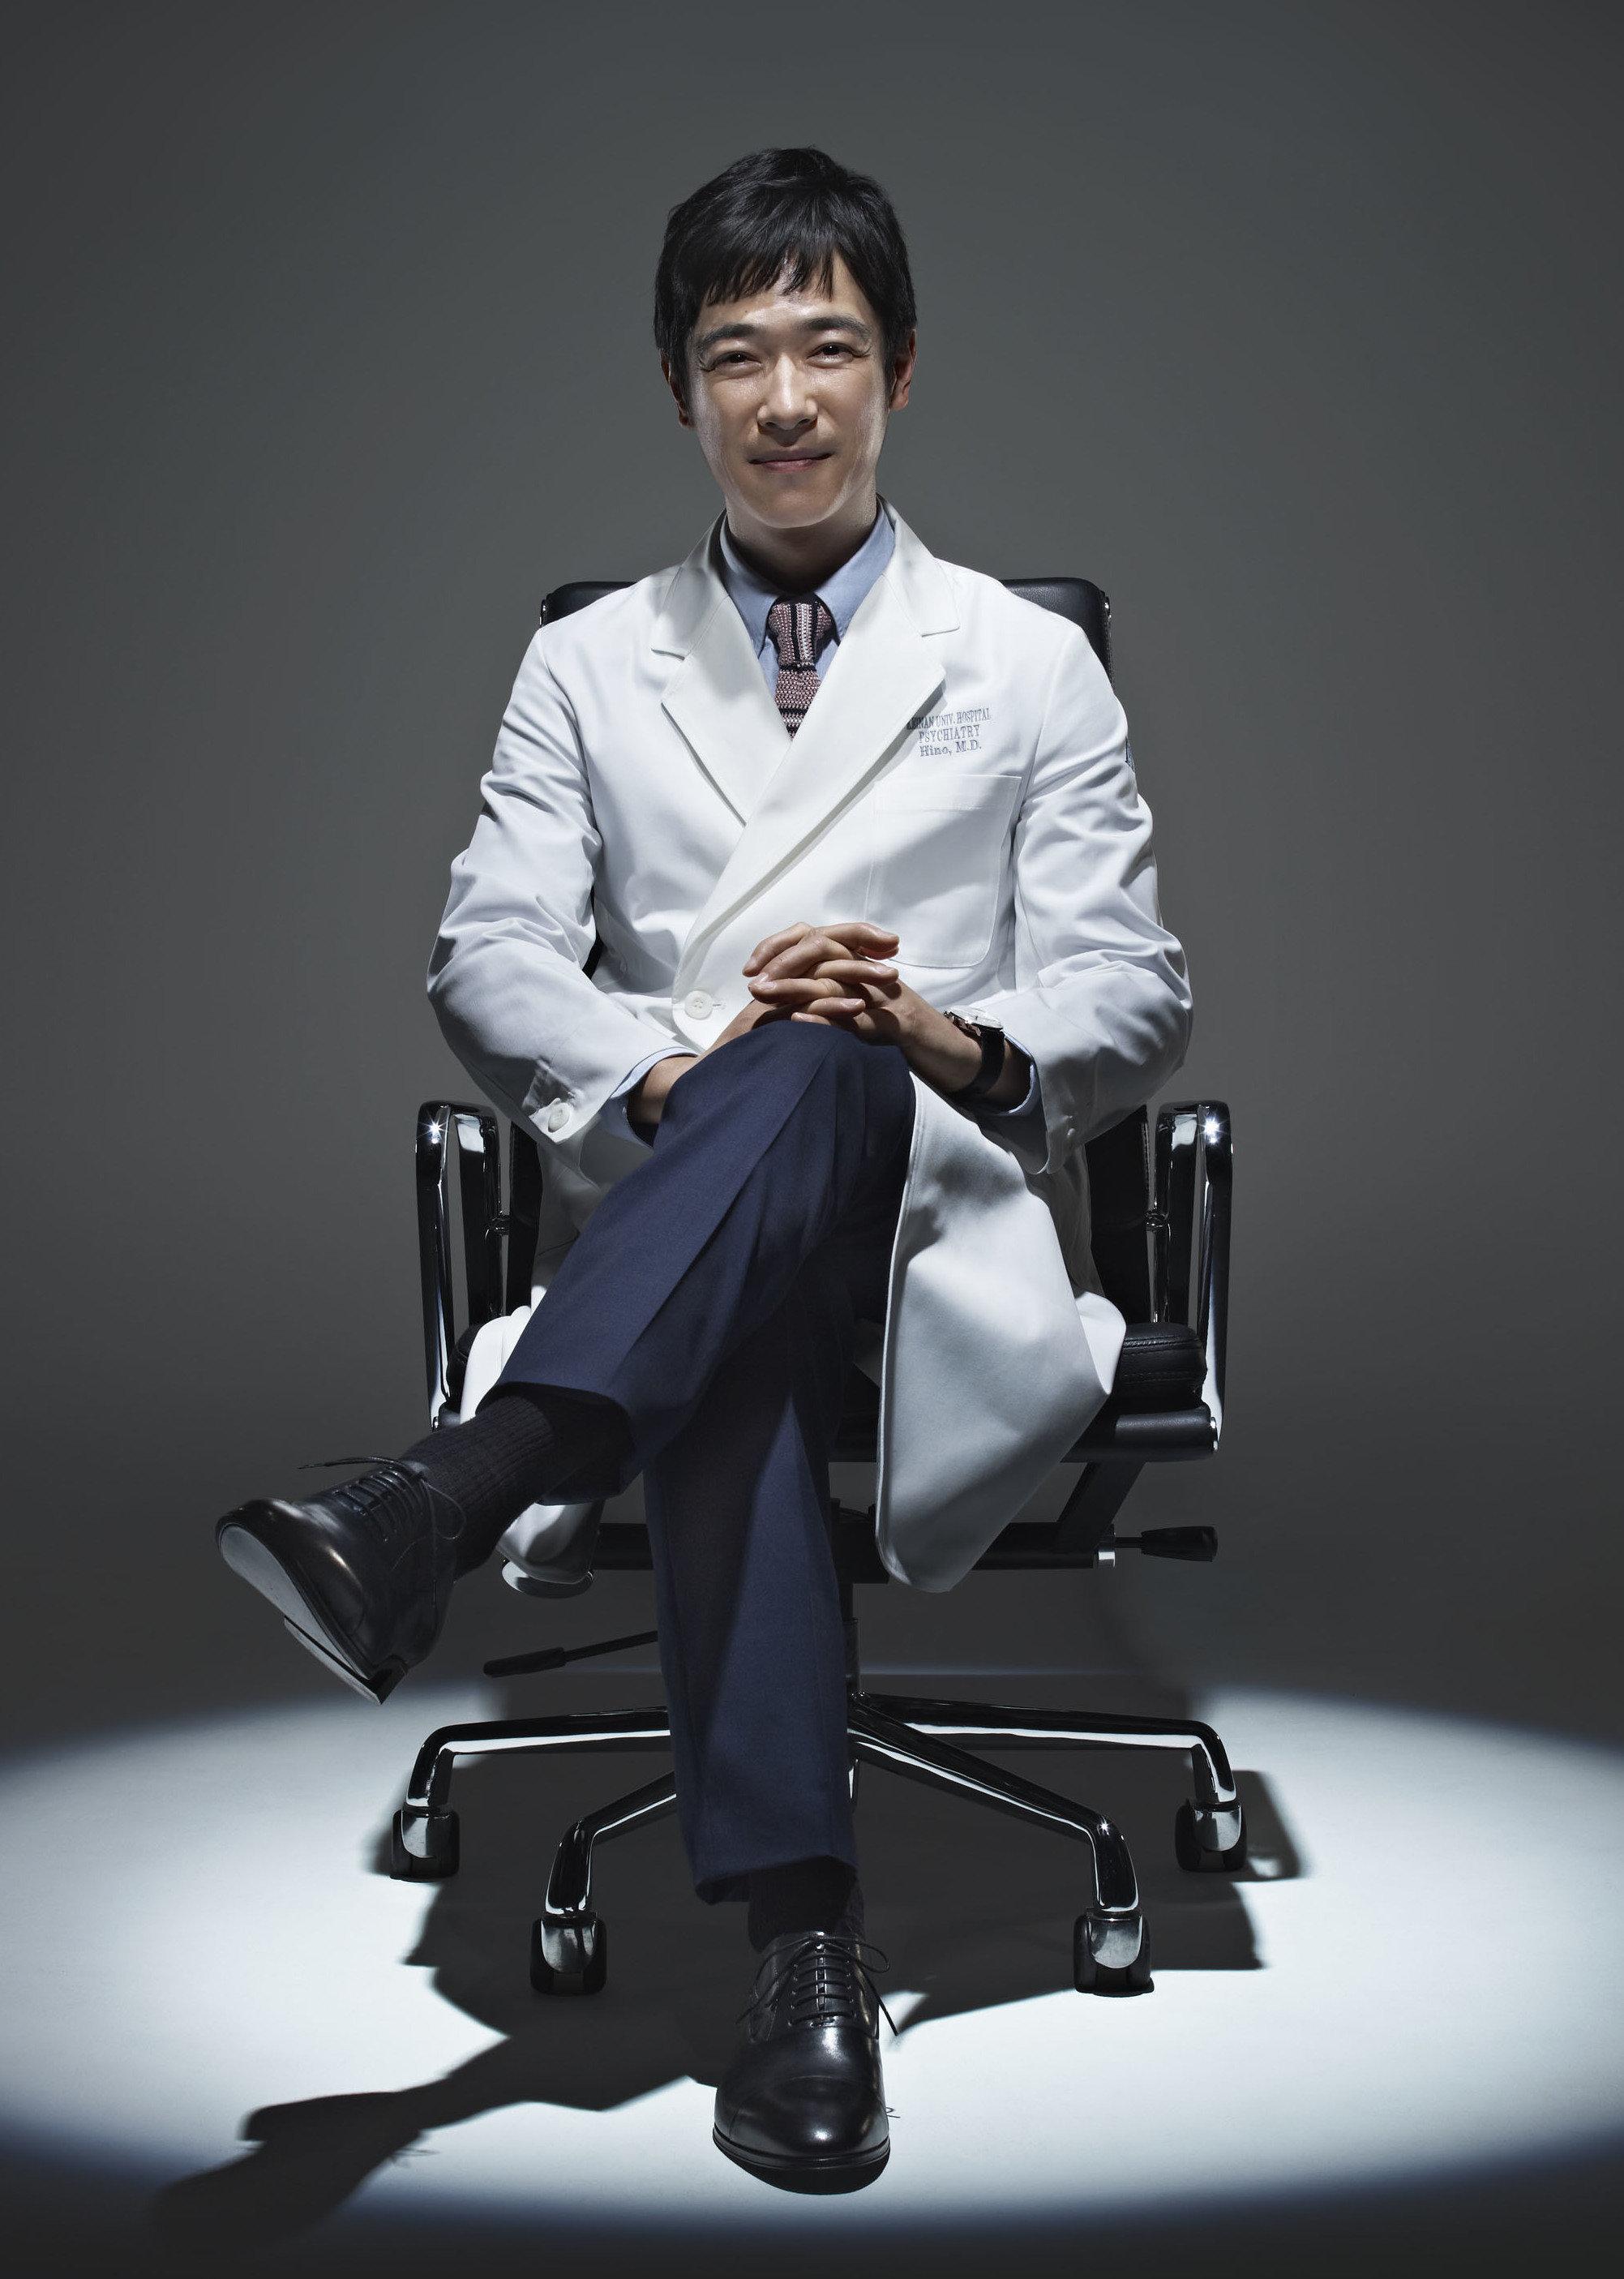 倫太郎醫生